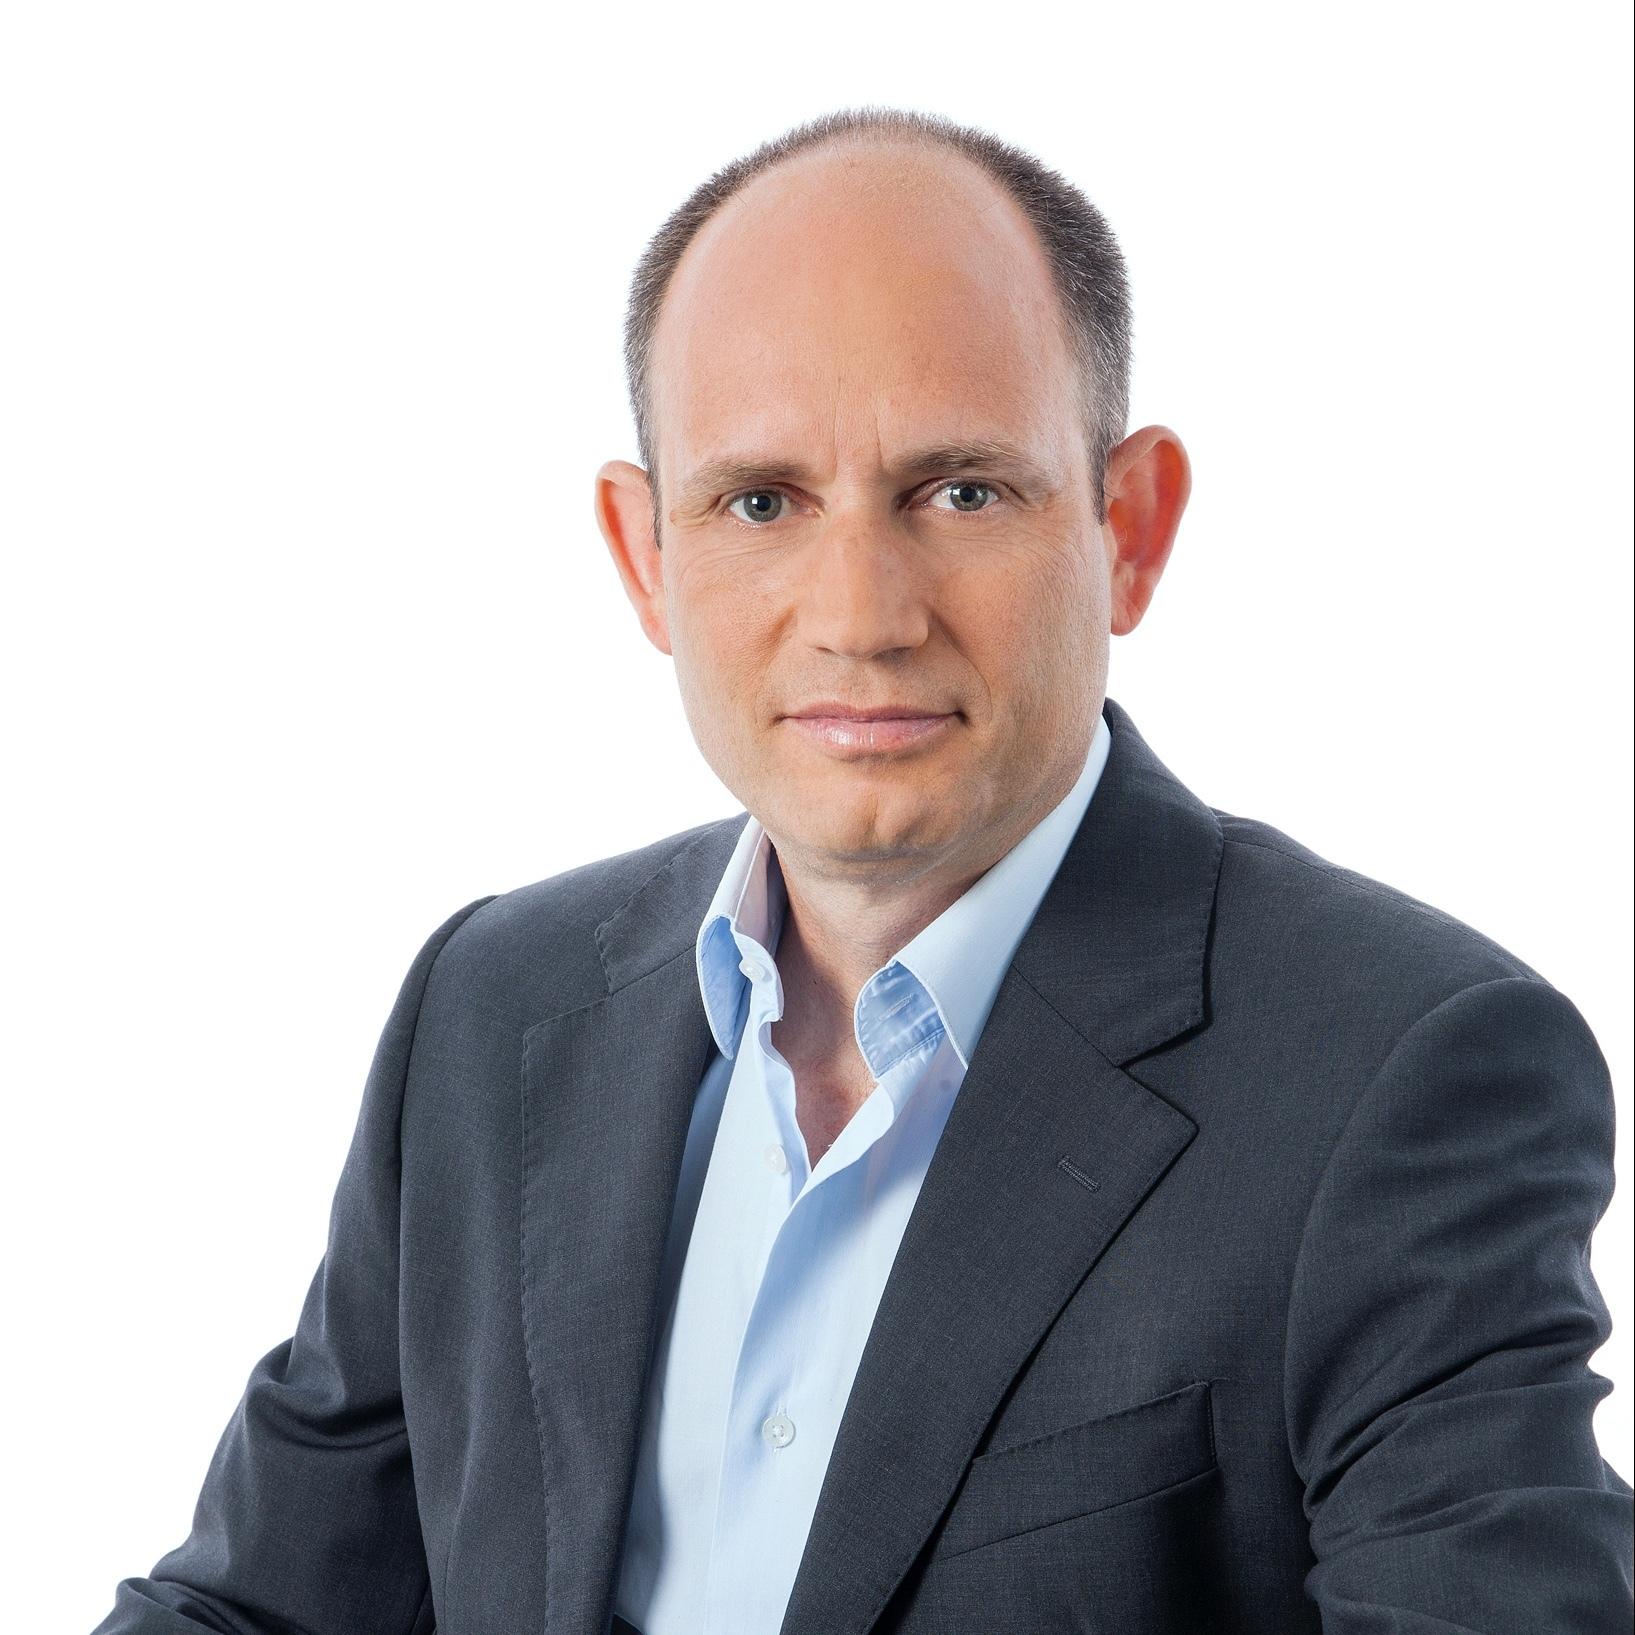 Eran Meller